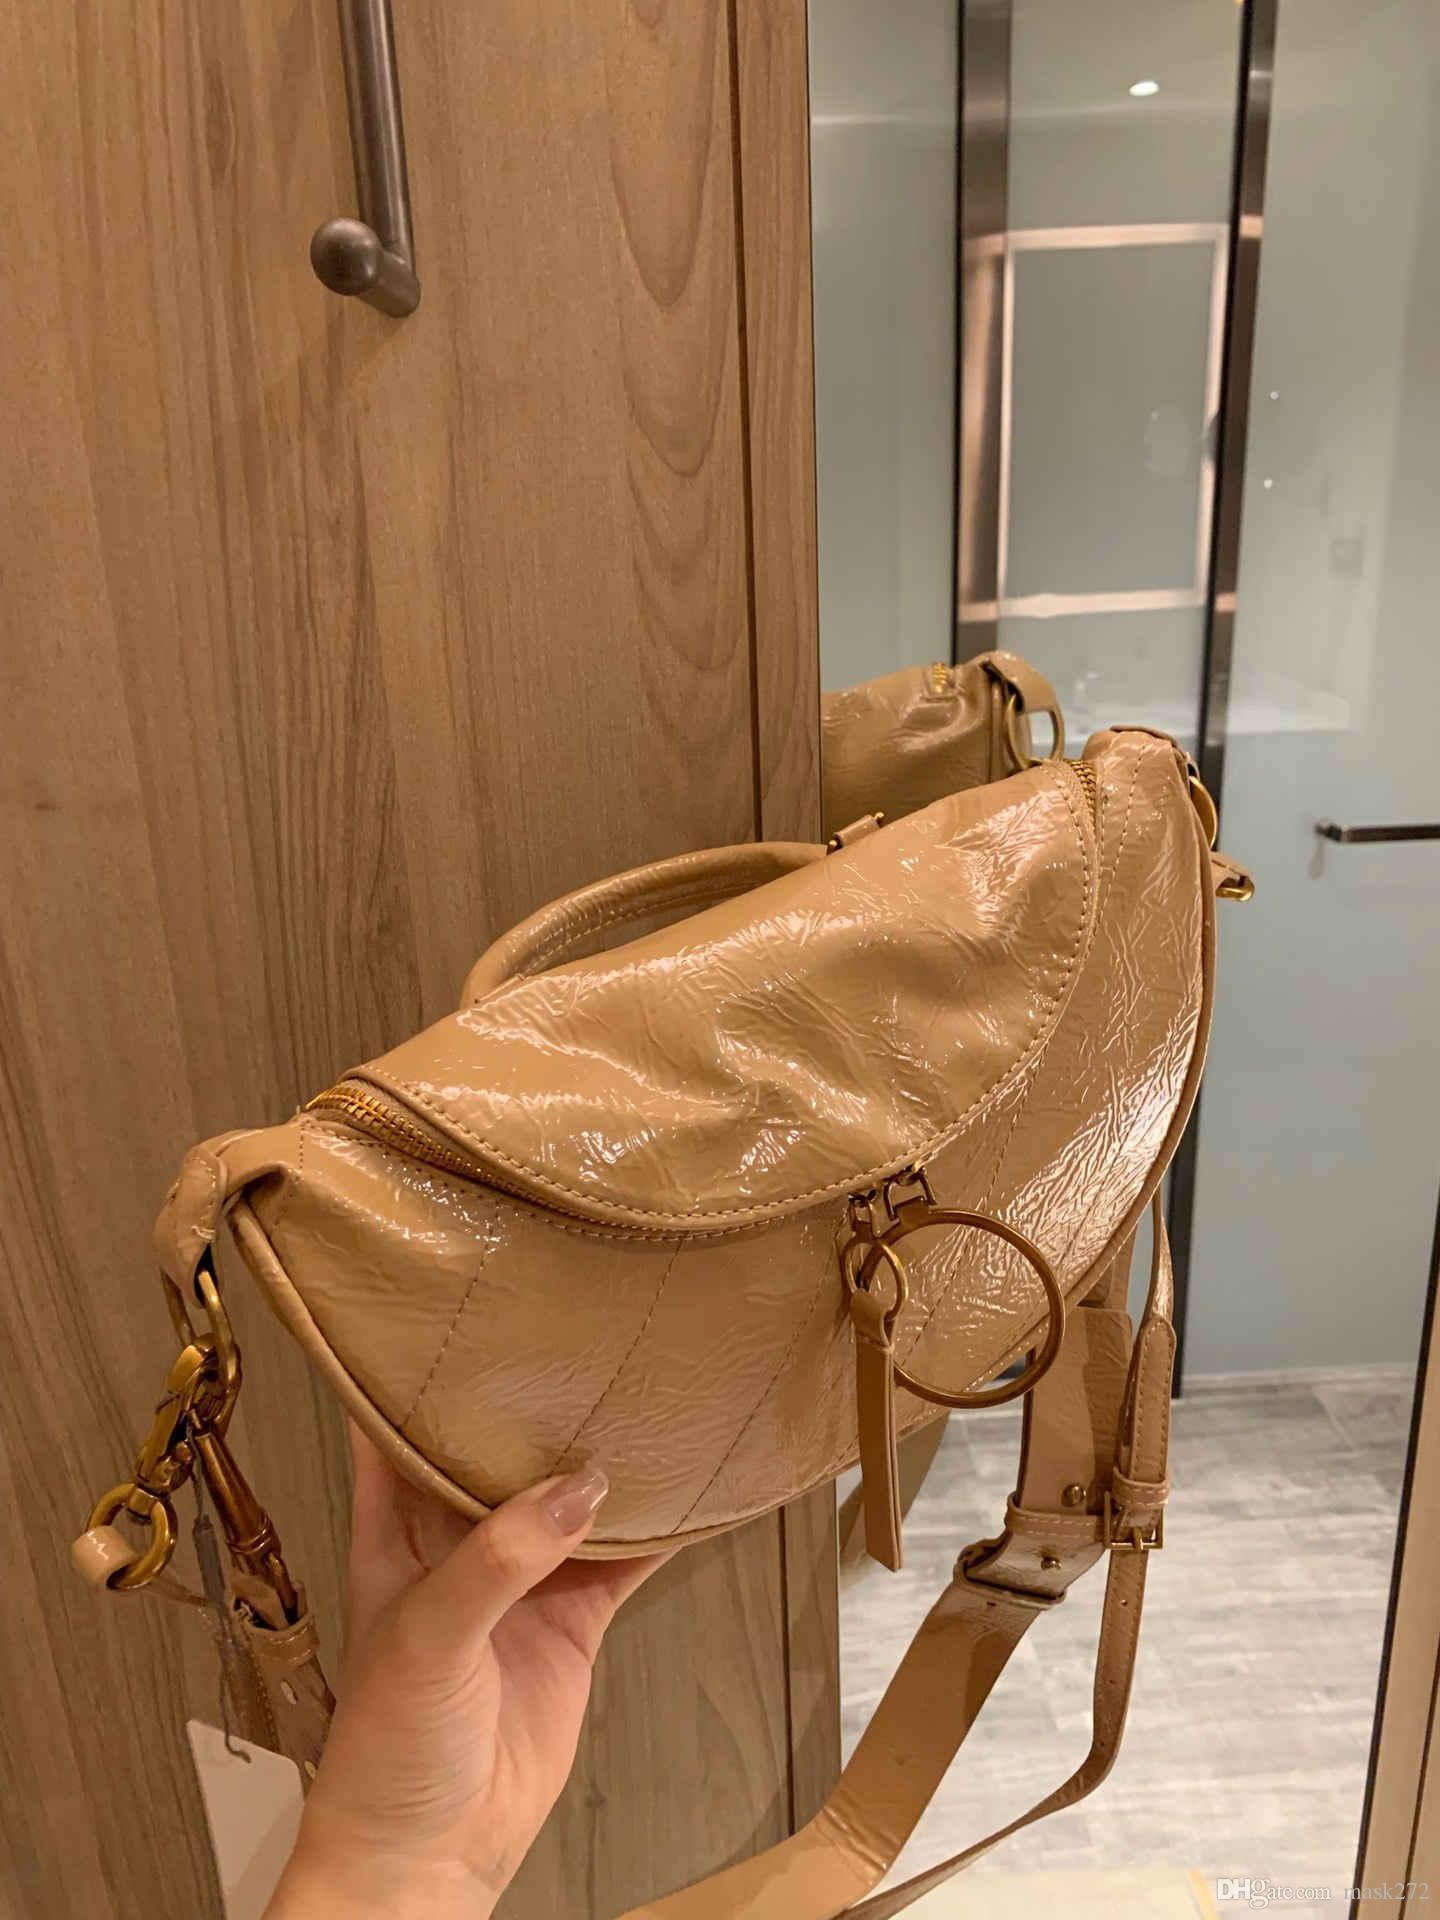 Ketten Umhängetasche für Handtaschen Leinwand Pack Lady Tote Designer Frauen 24 cm Geldbörse Messenger Bag Handtaschen Brust Deisiiger Großhandel Presb GMJM